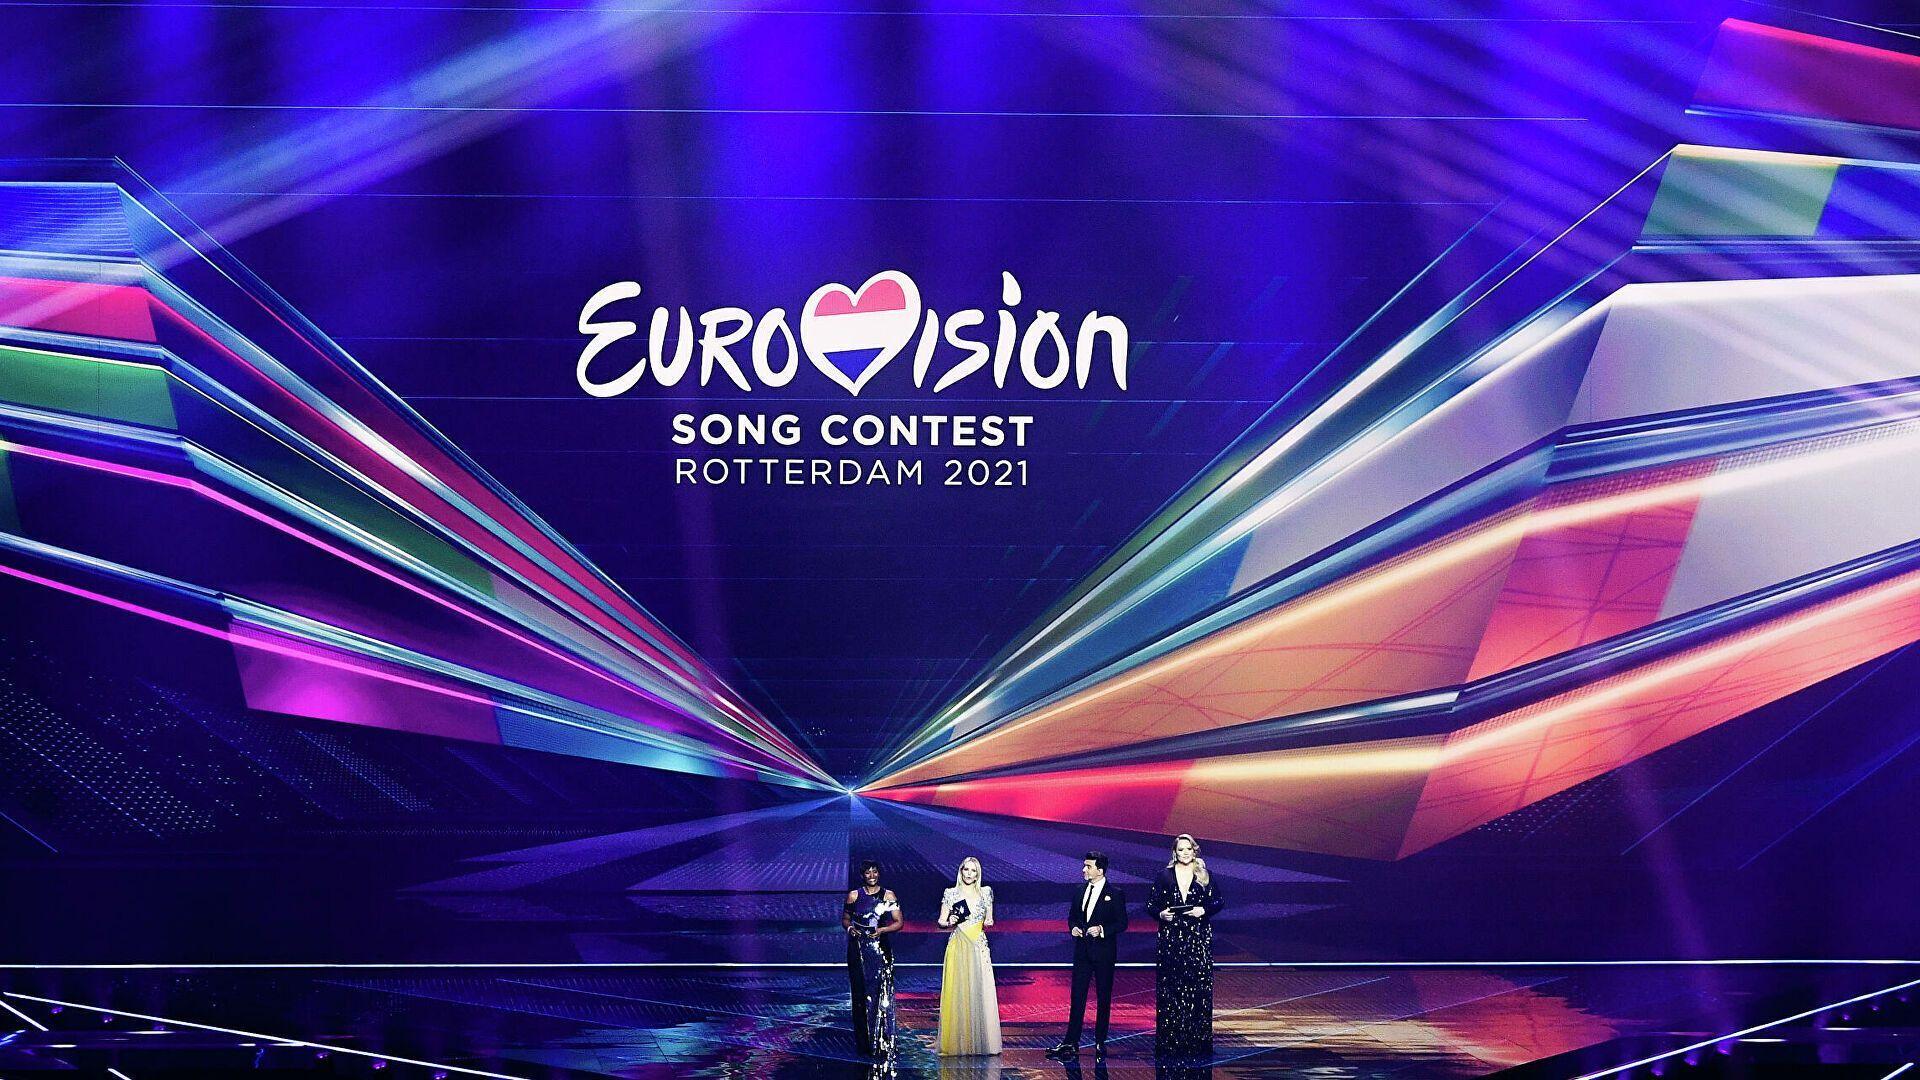 Международный песенный конкурс Евровидение 2021